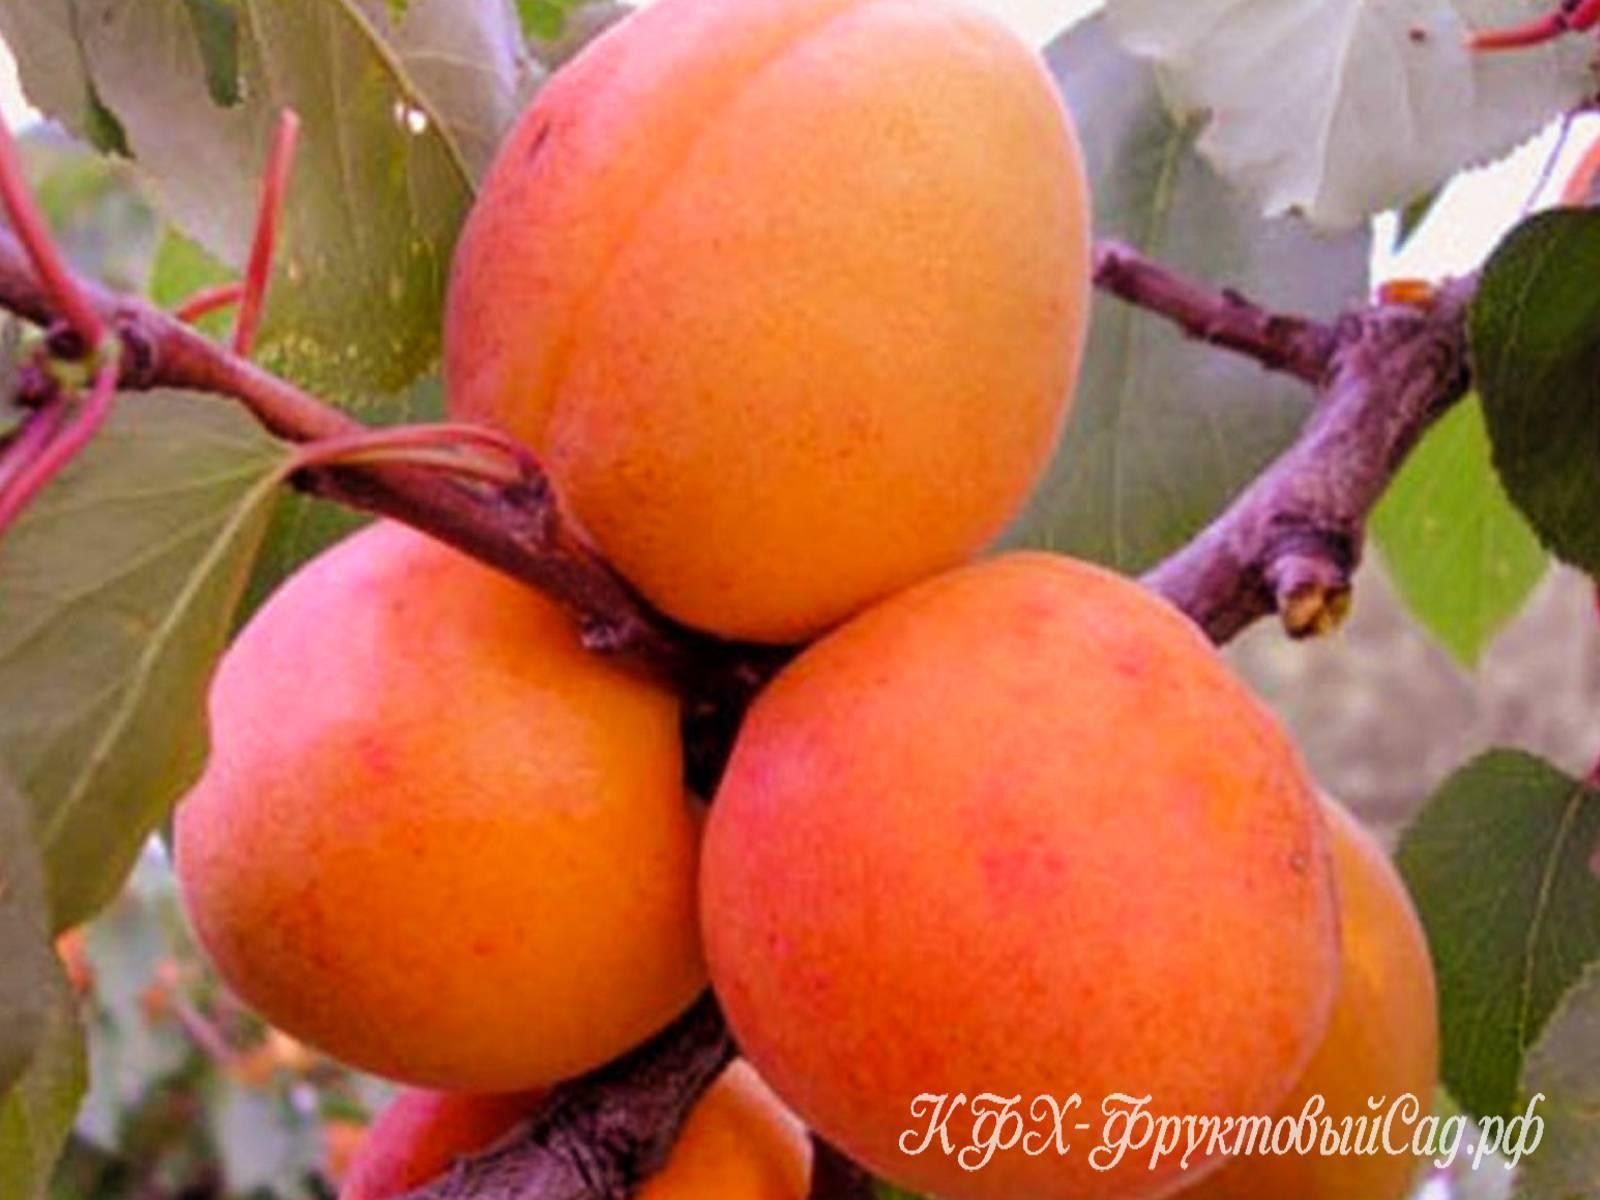 Характеристика высокоиммунного сорта абрикоса саратовский рубин